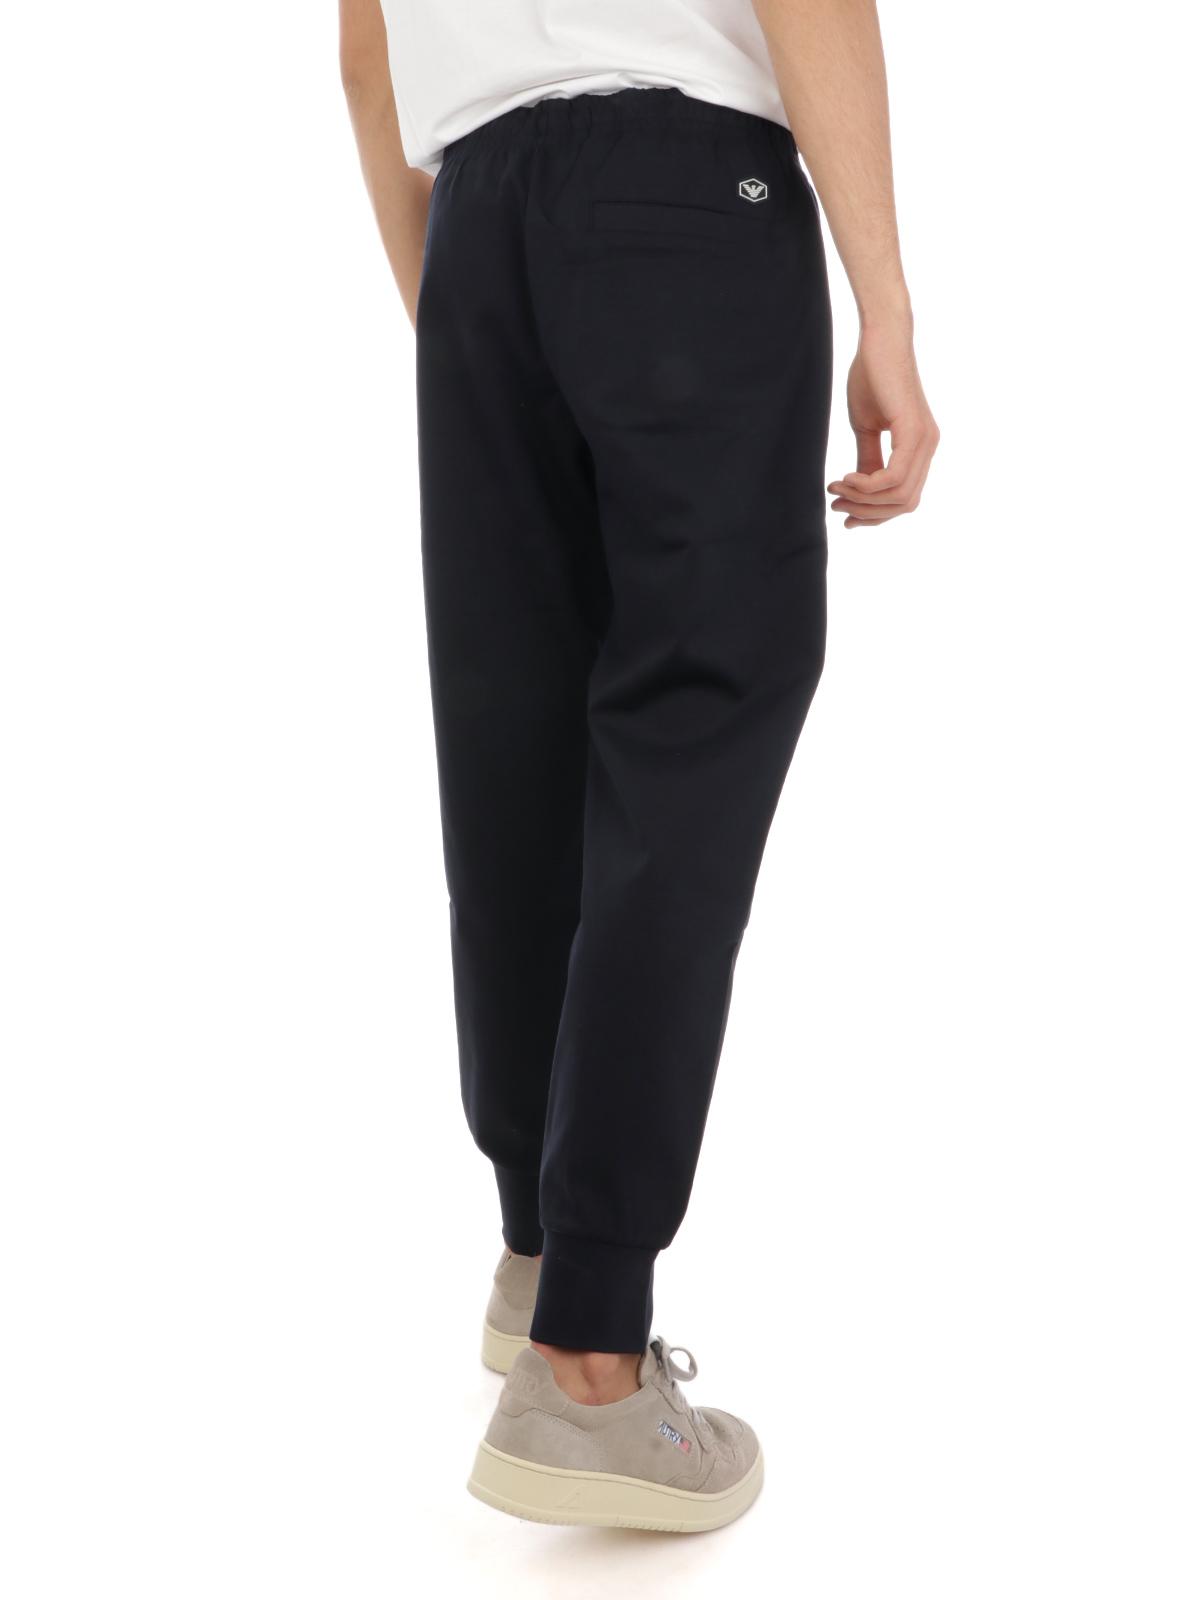 Immagine di EMPORIO ARMANI | Pantaloni Tuta Uomo in Cotone